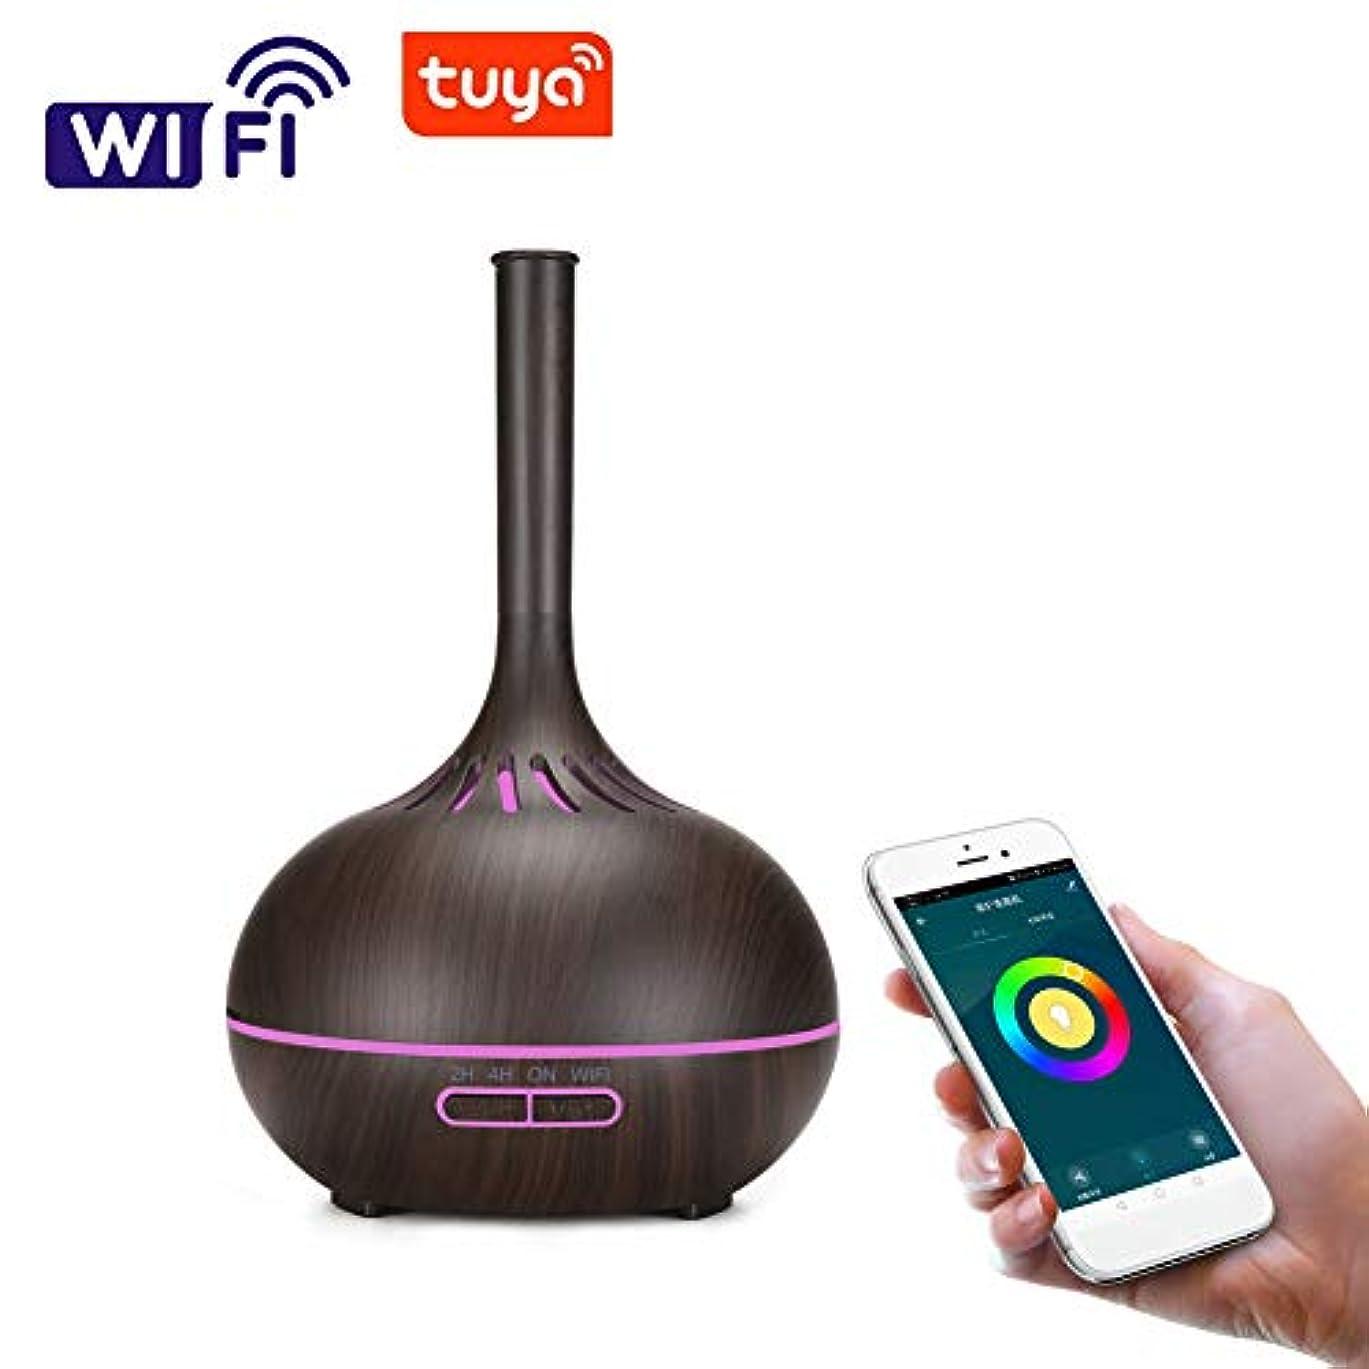 親密な建築応答木目 涼しい霧 超音波式 加湿器,wifi 7 色 香り 精油 ディフューザー 調整可能 空気加湿器 アロマネブライザー ホーム Yoga オフィス- 400ml